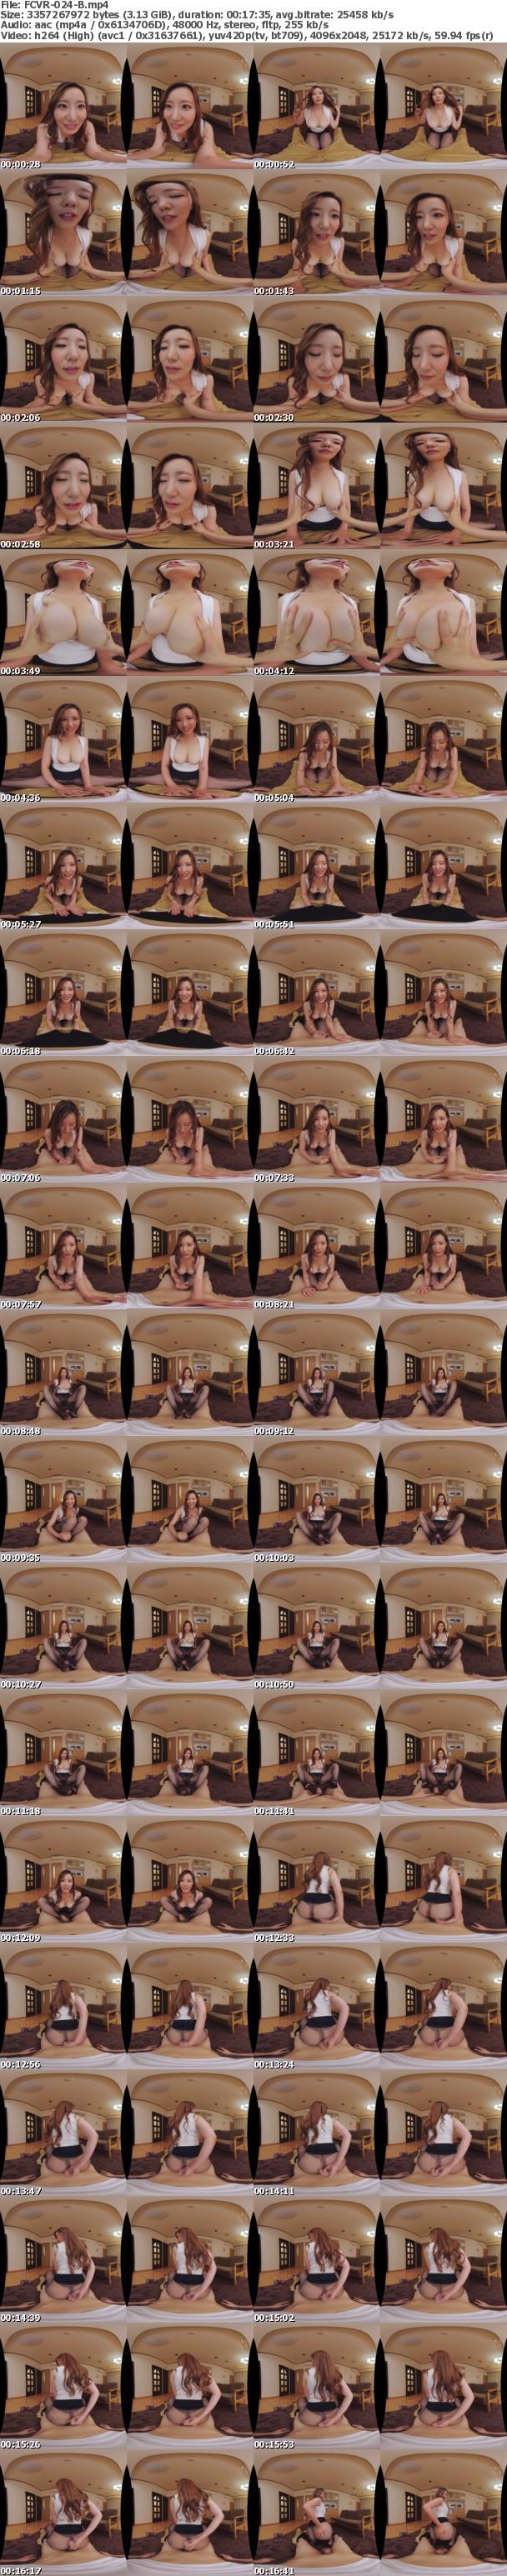 (VR) FCVR-024 【Fitch肉感VR】黒木美沙VR解禁! テレワーク用パソコンの準備で上司の家に行ったらメス臭ムンムンさせた欲求不満の長身美脚奥さんに卑猥なノーパン黒パンスト姿で誘惑されちゃいました!